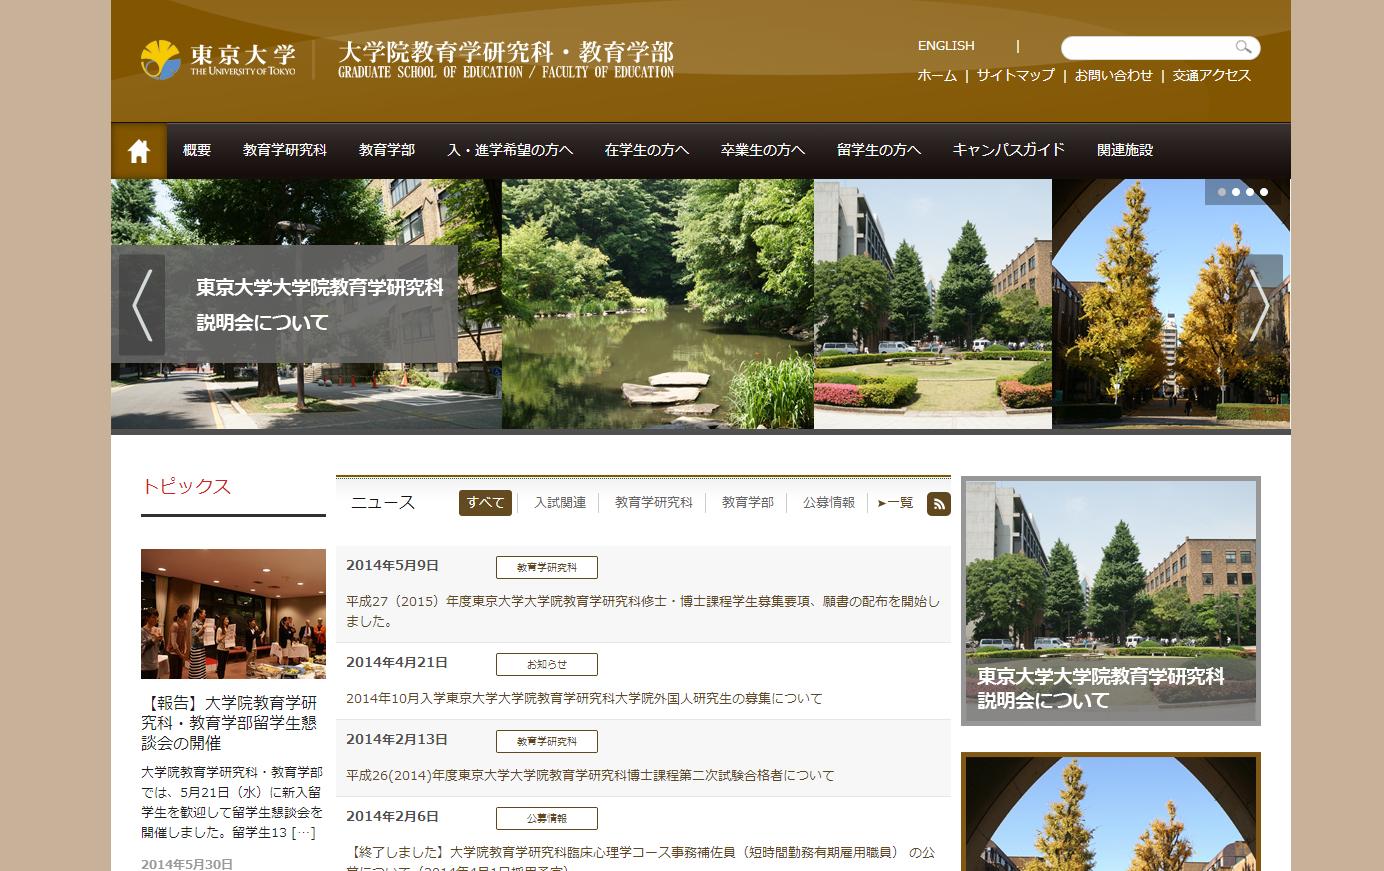 東京大学|大学院教育学研究科・教育学部